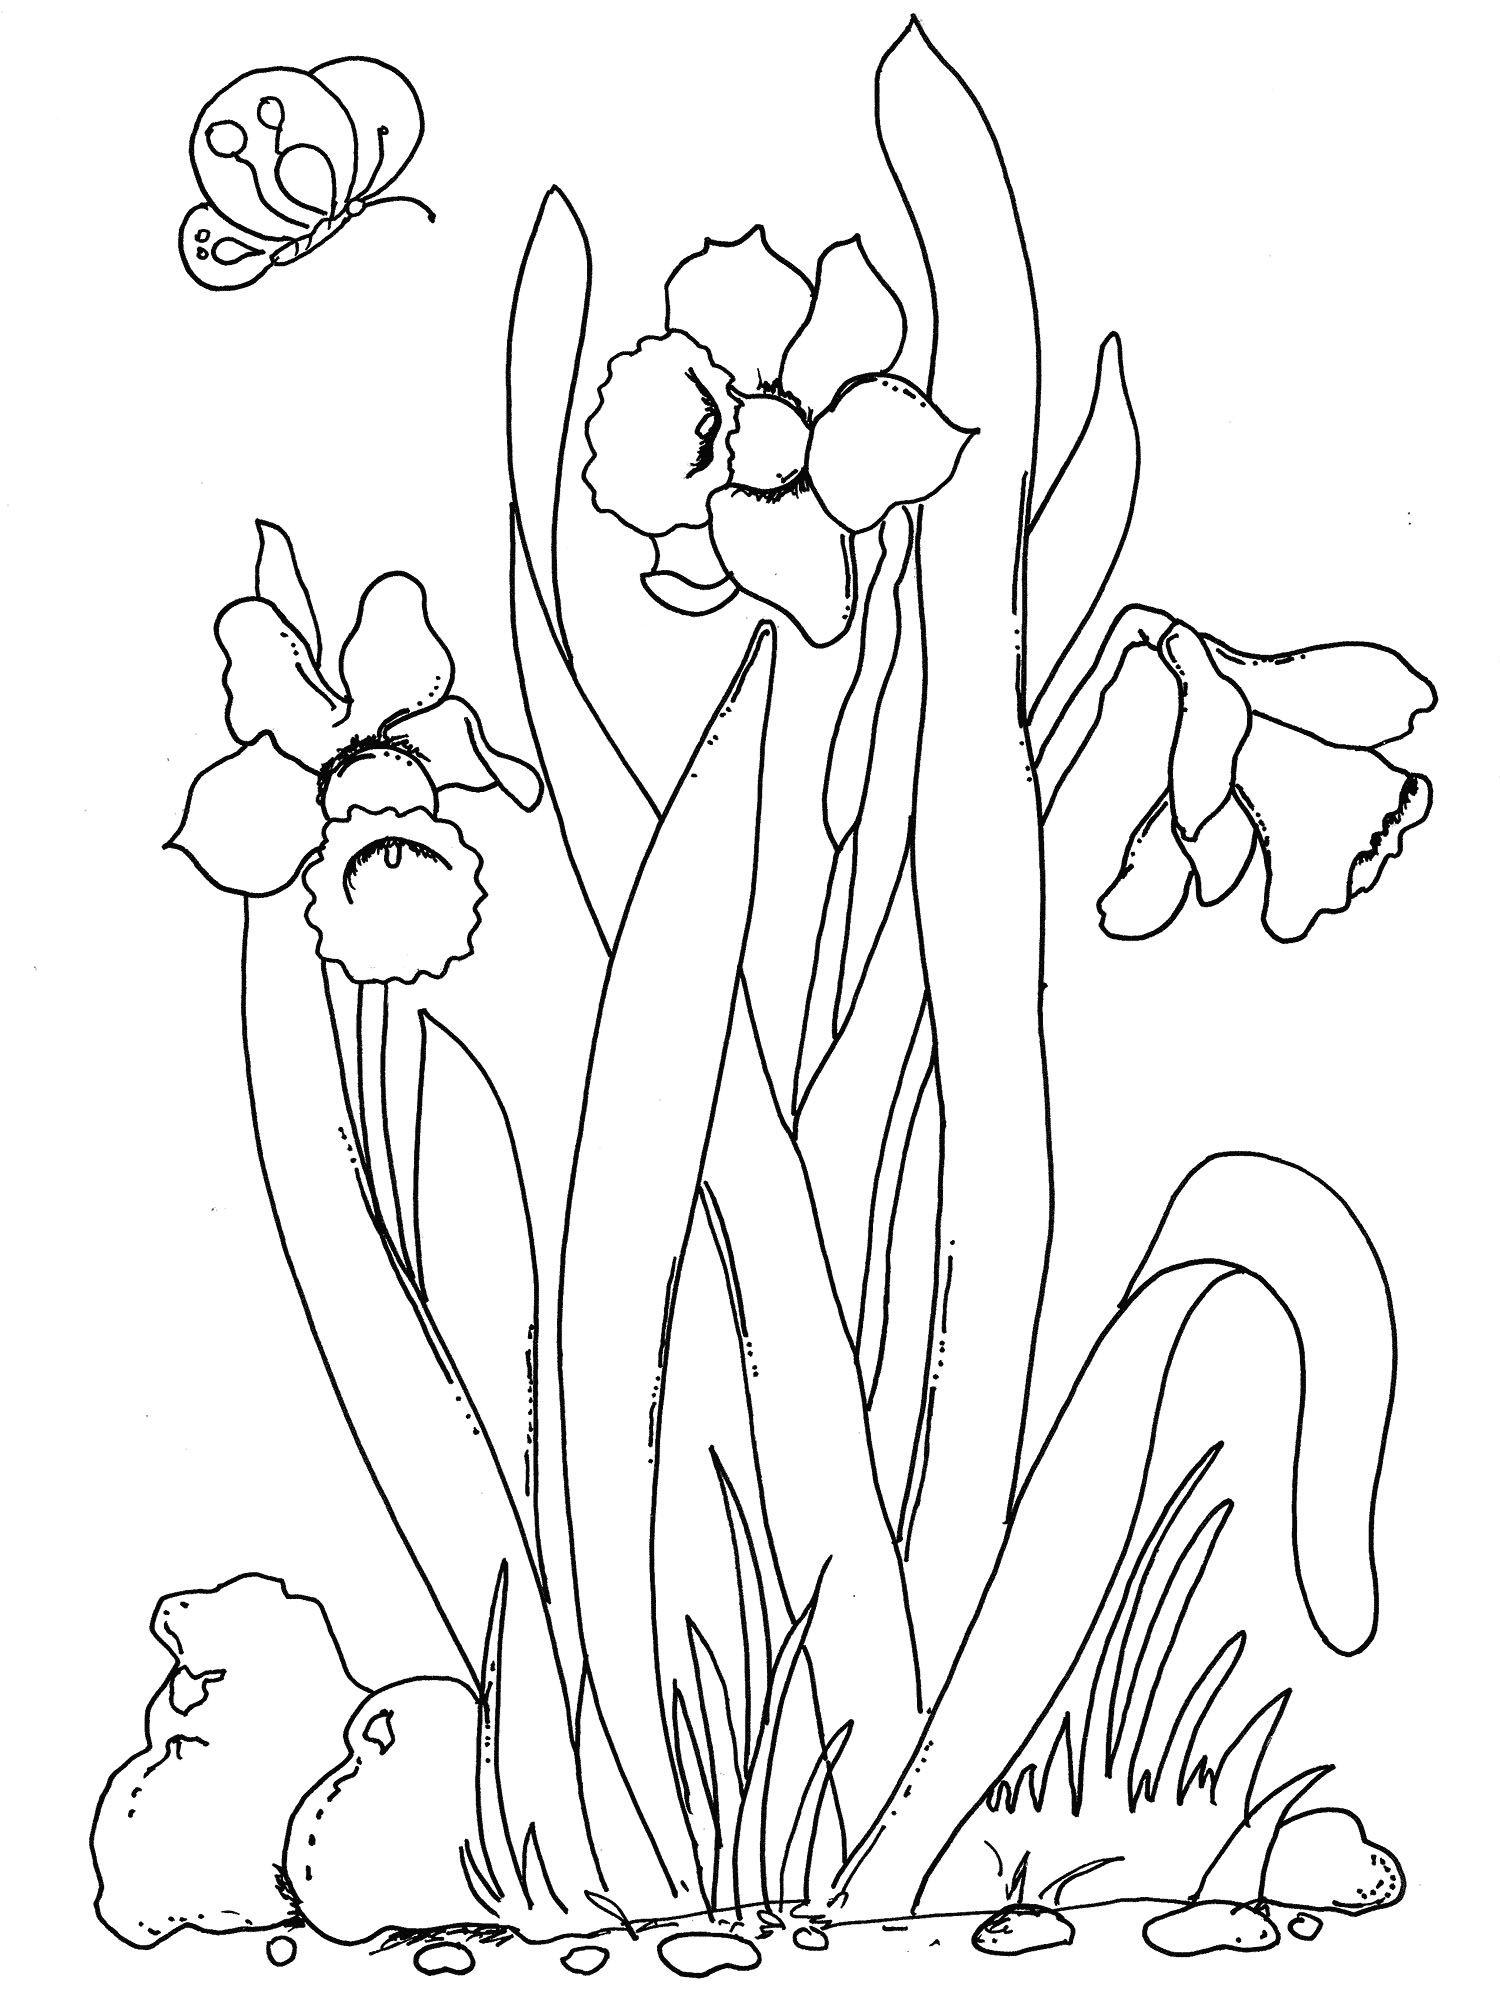 Tranh tô màu các cây hoa